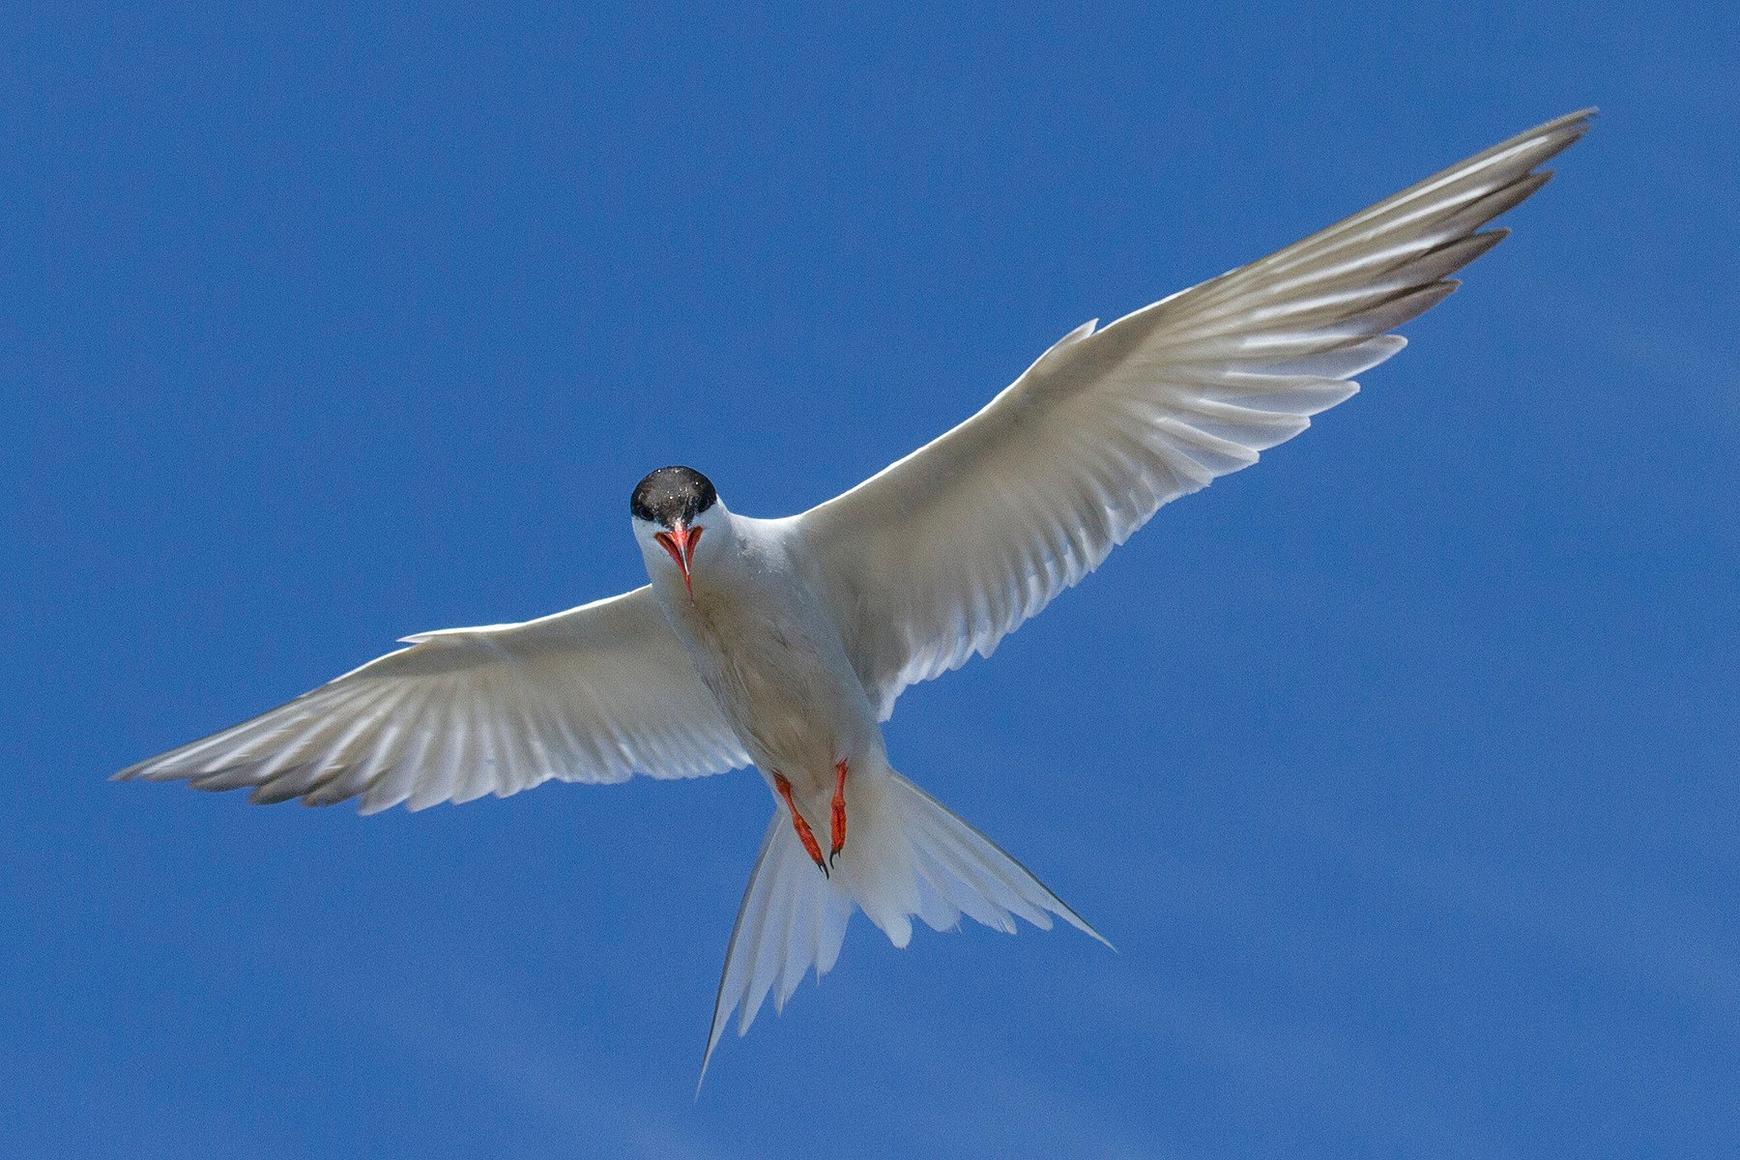 Tern in flight against a blue sky